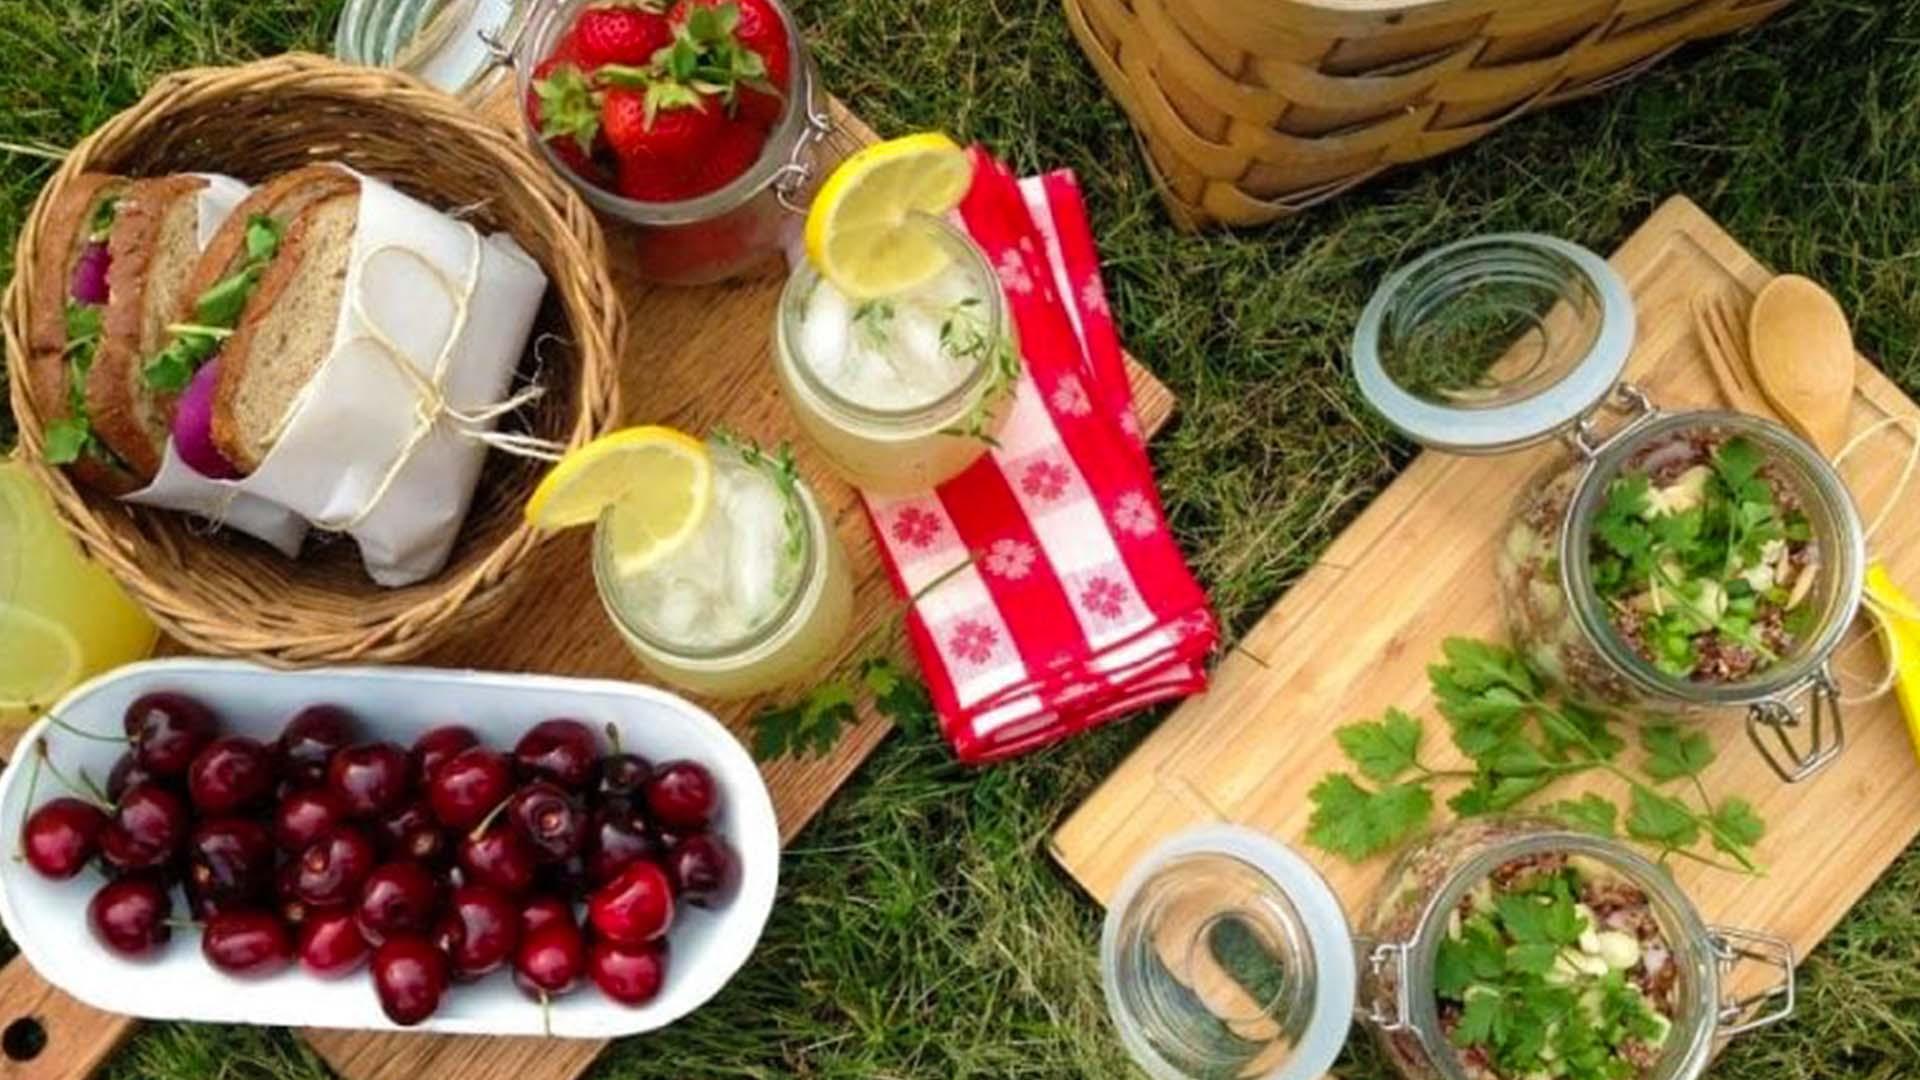 La scampagnata – the Italian picnic philosophy